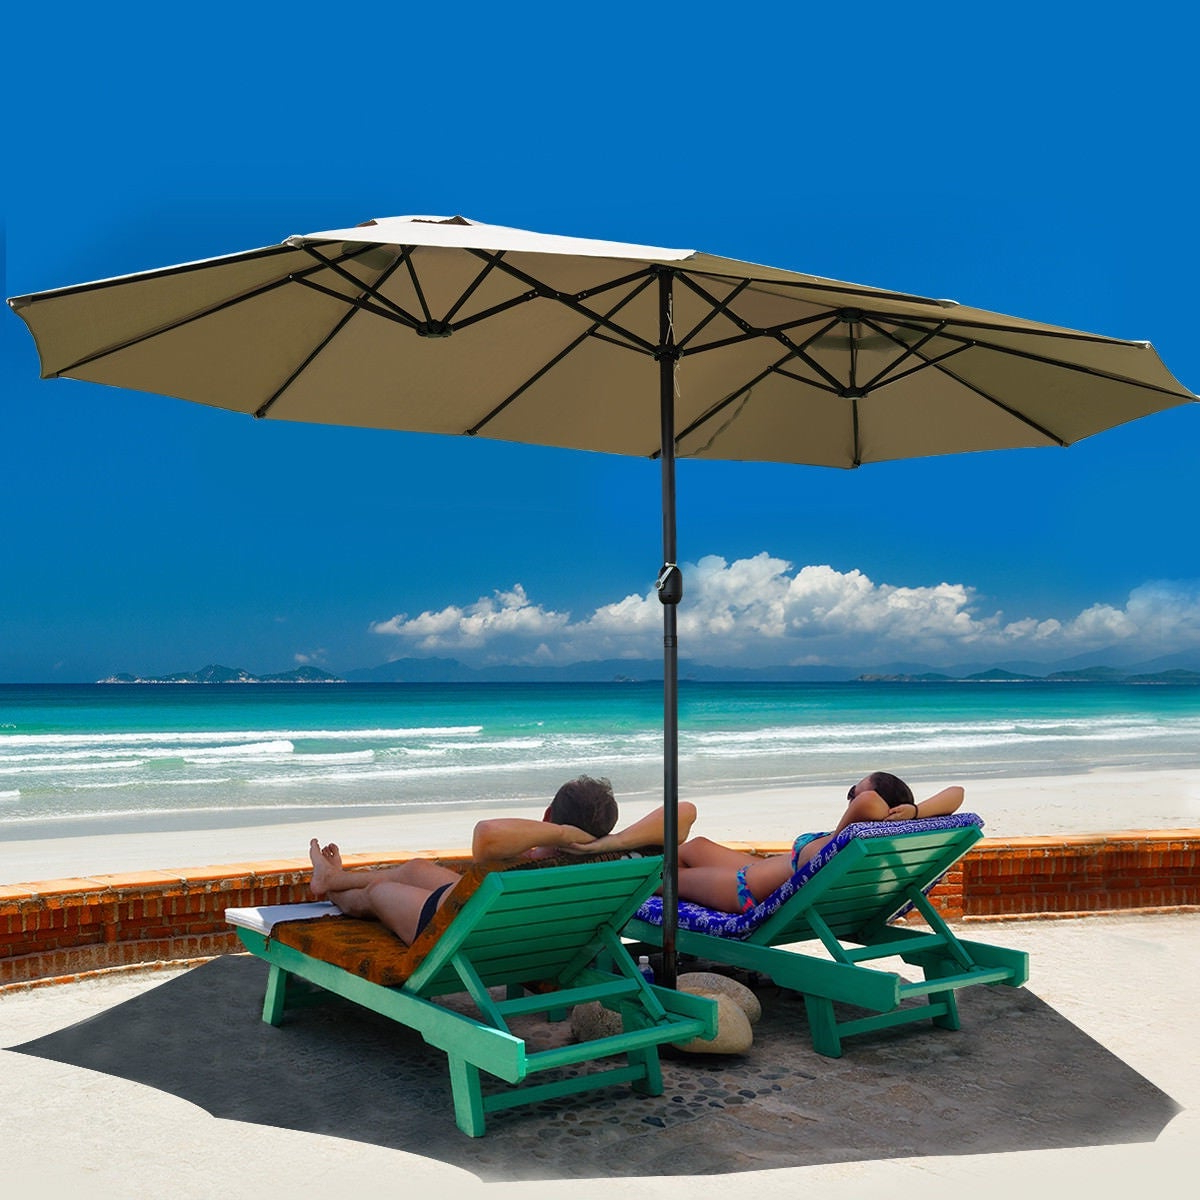 Most Popular Buy Steel Patio Umbrellas Online At Overstock (View 16 of 20)